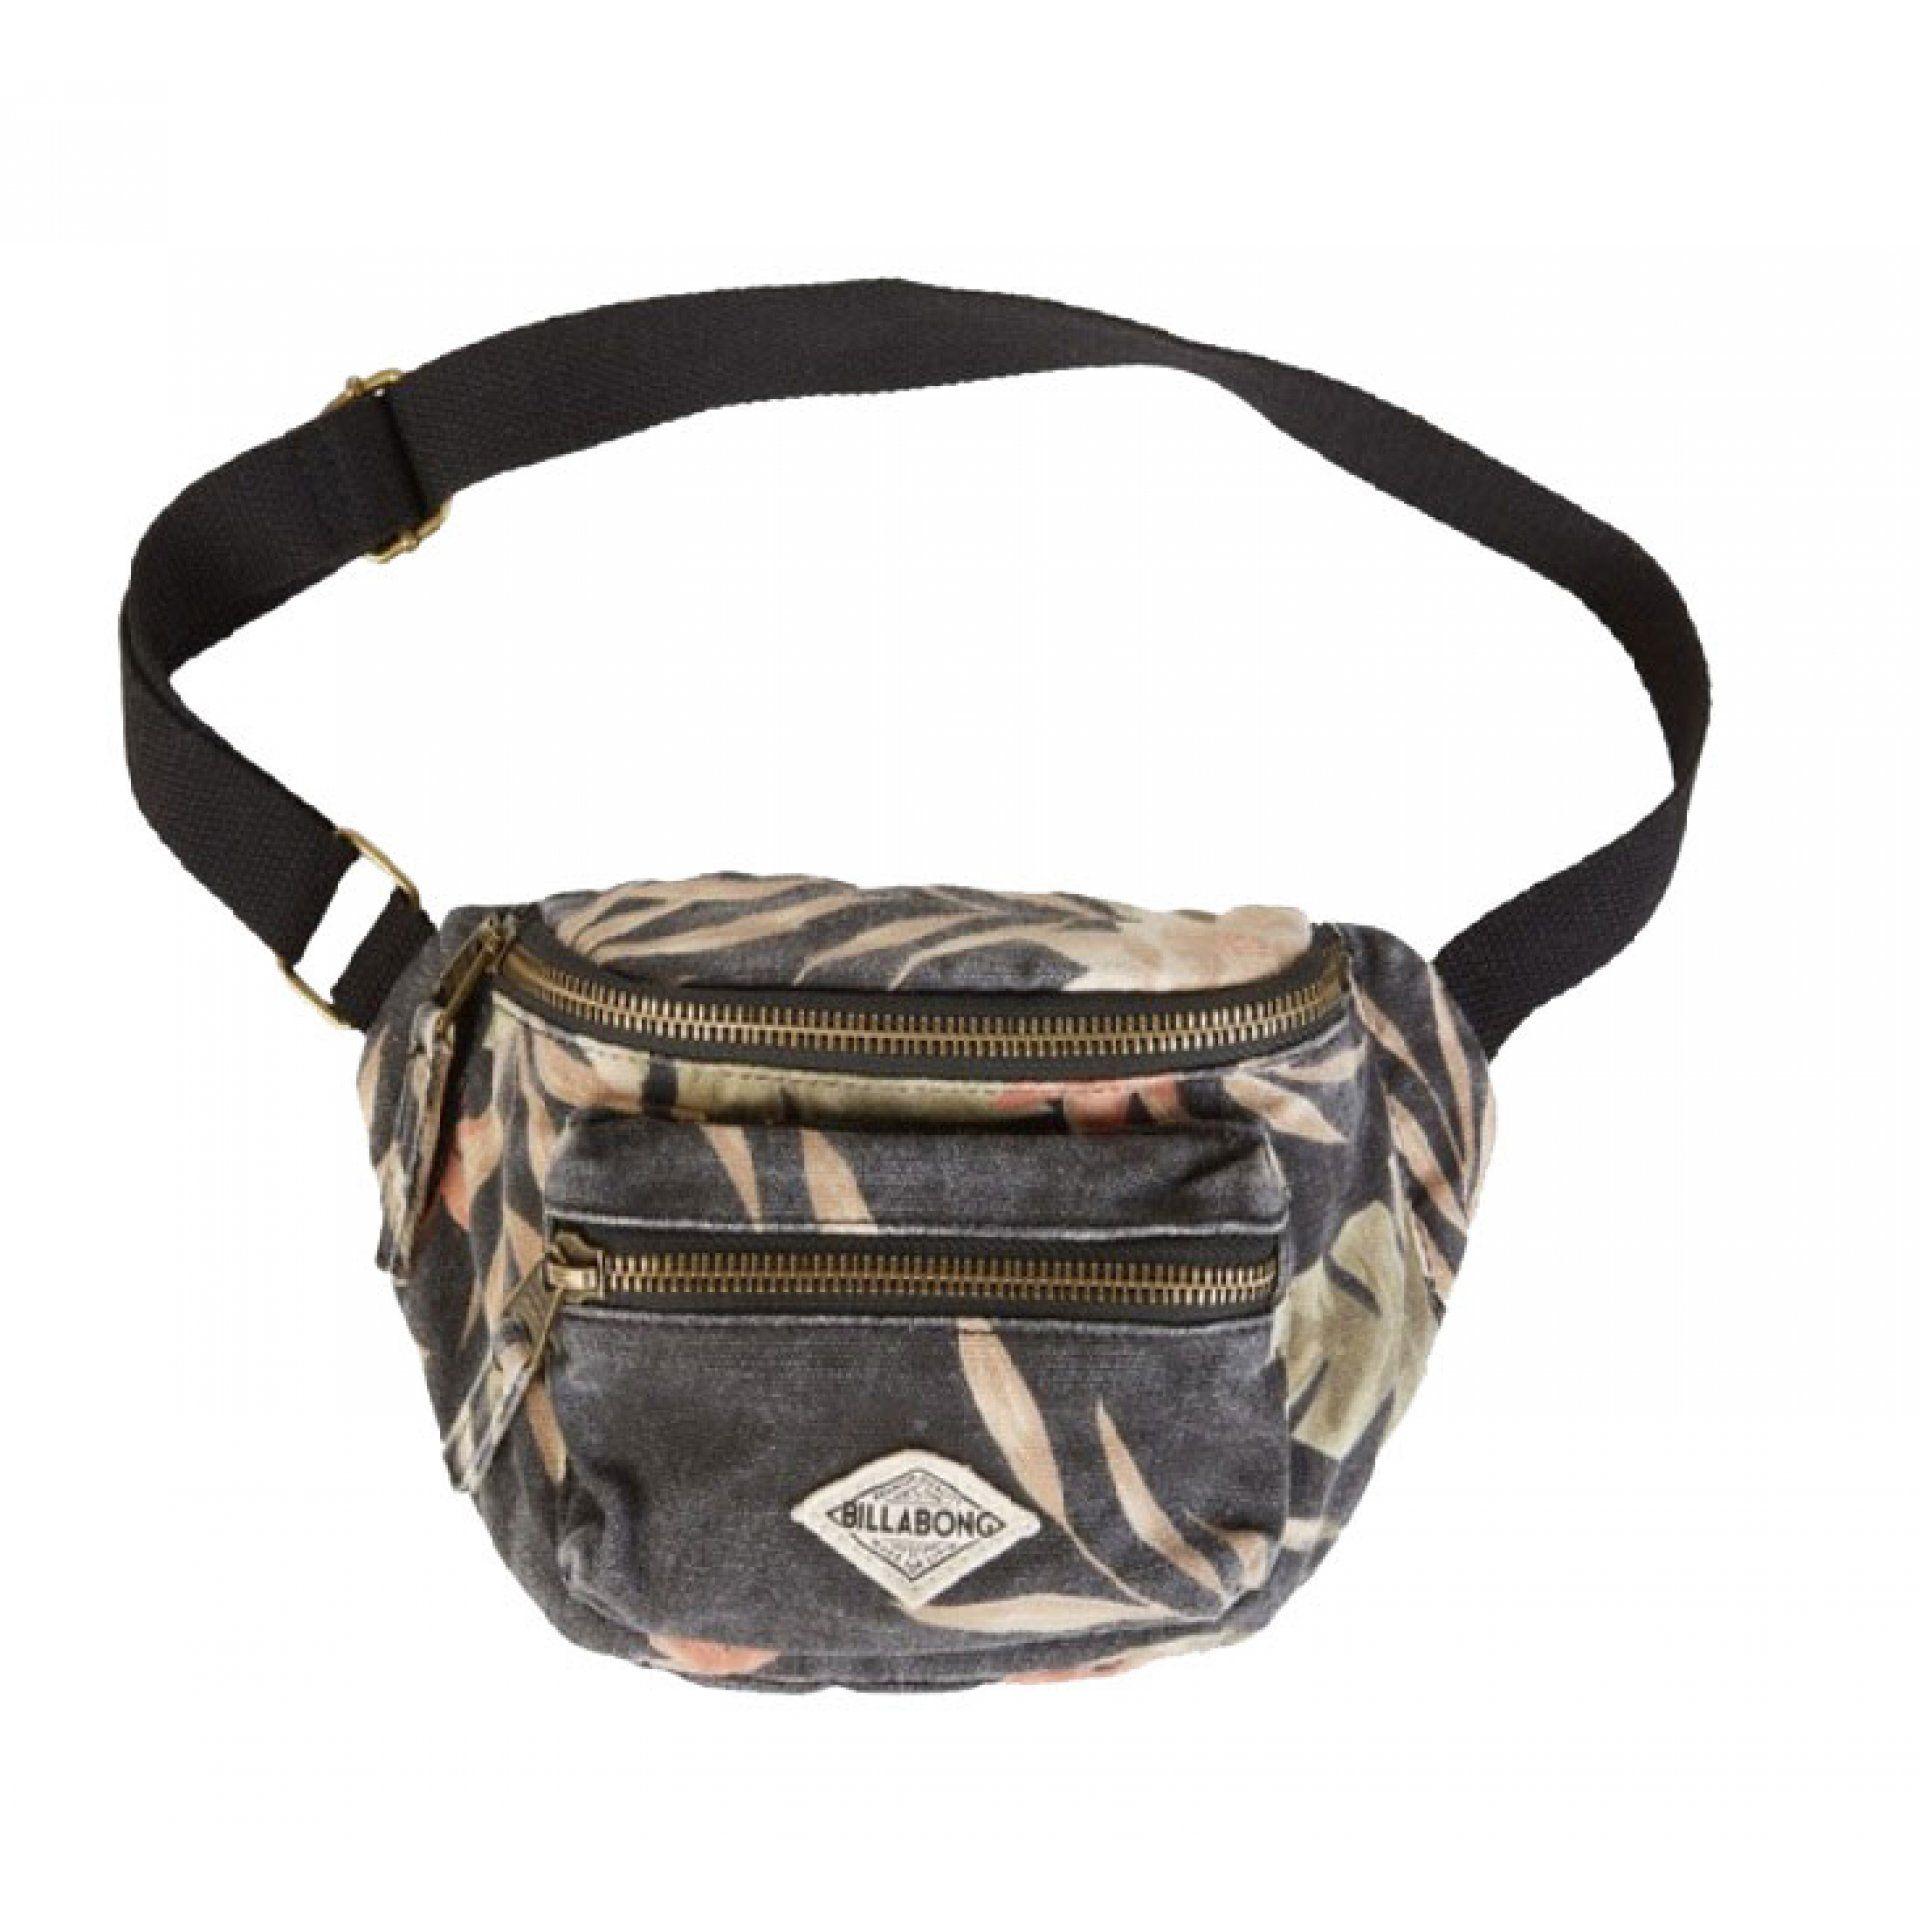 NERKA BILLABONG ON MY BUM BAG S9ES04BIP0 4351 BAYLEAF